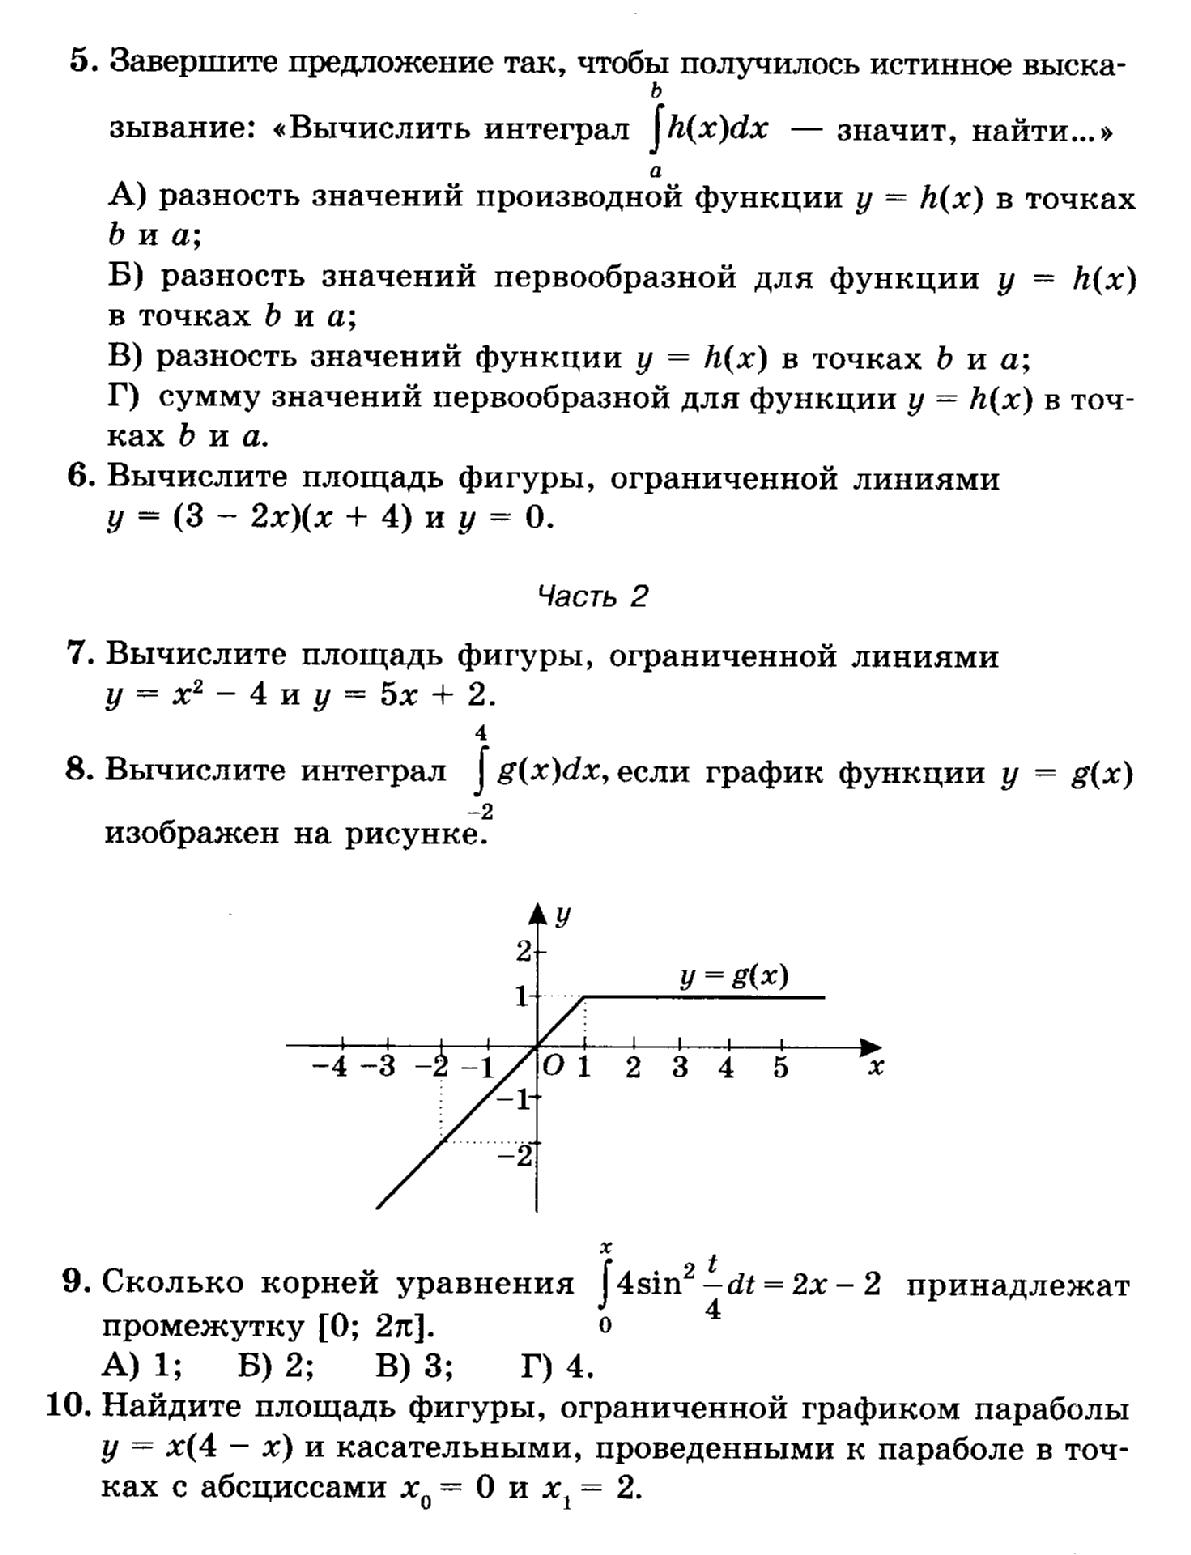 Решить задачу по математике 2 класс нестандартные урок 38-39 по дидактическому материалу с.а.козловой